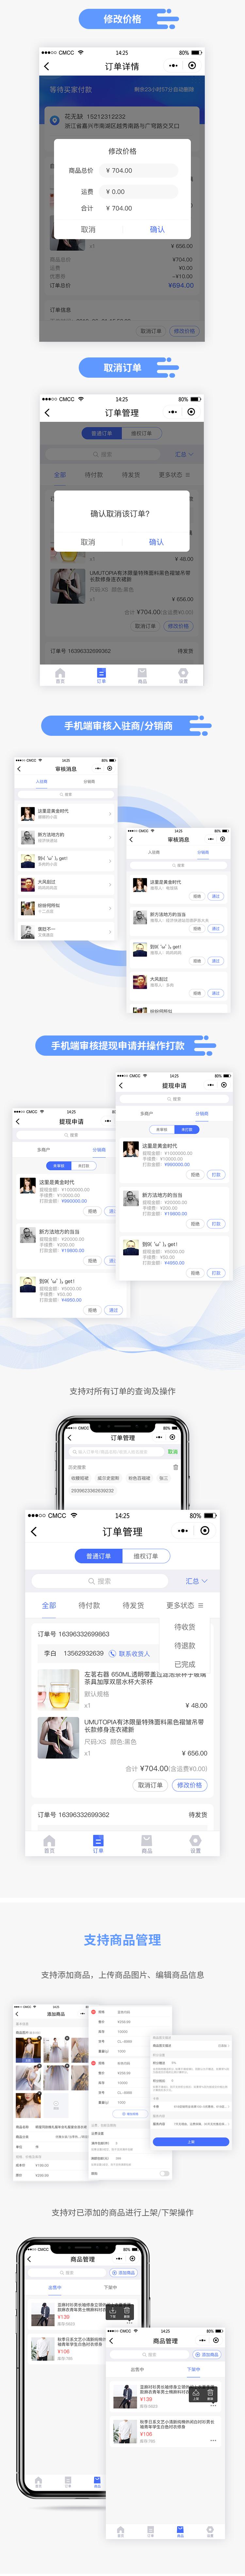 【文案改】手机端管理长图_02.png